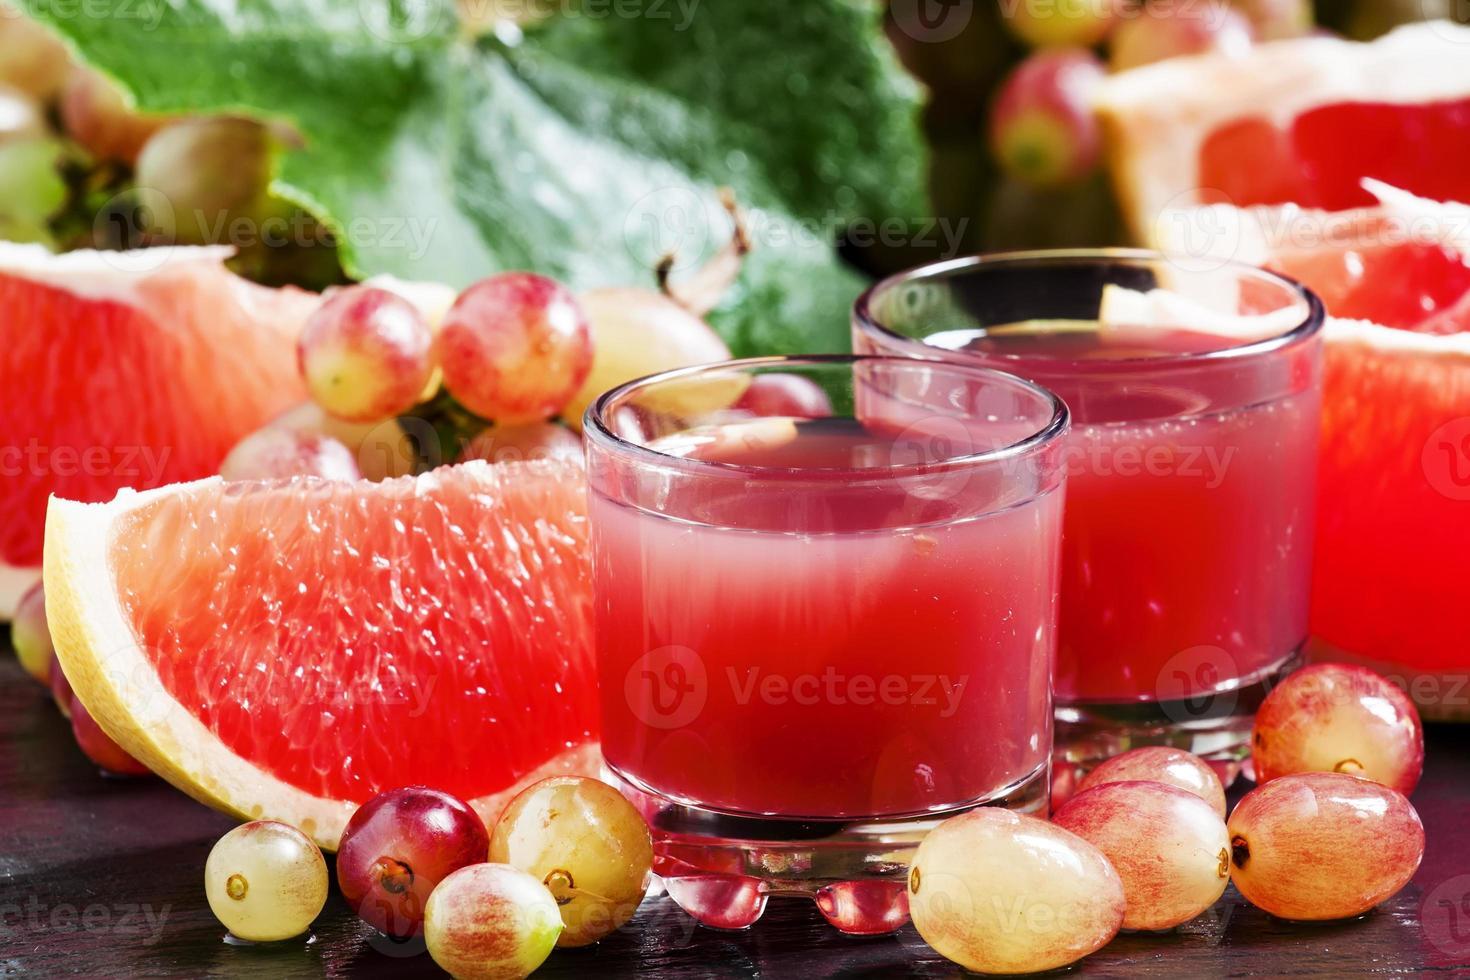 vers sap van rode druiven en grapefruit foto